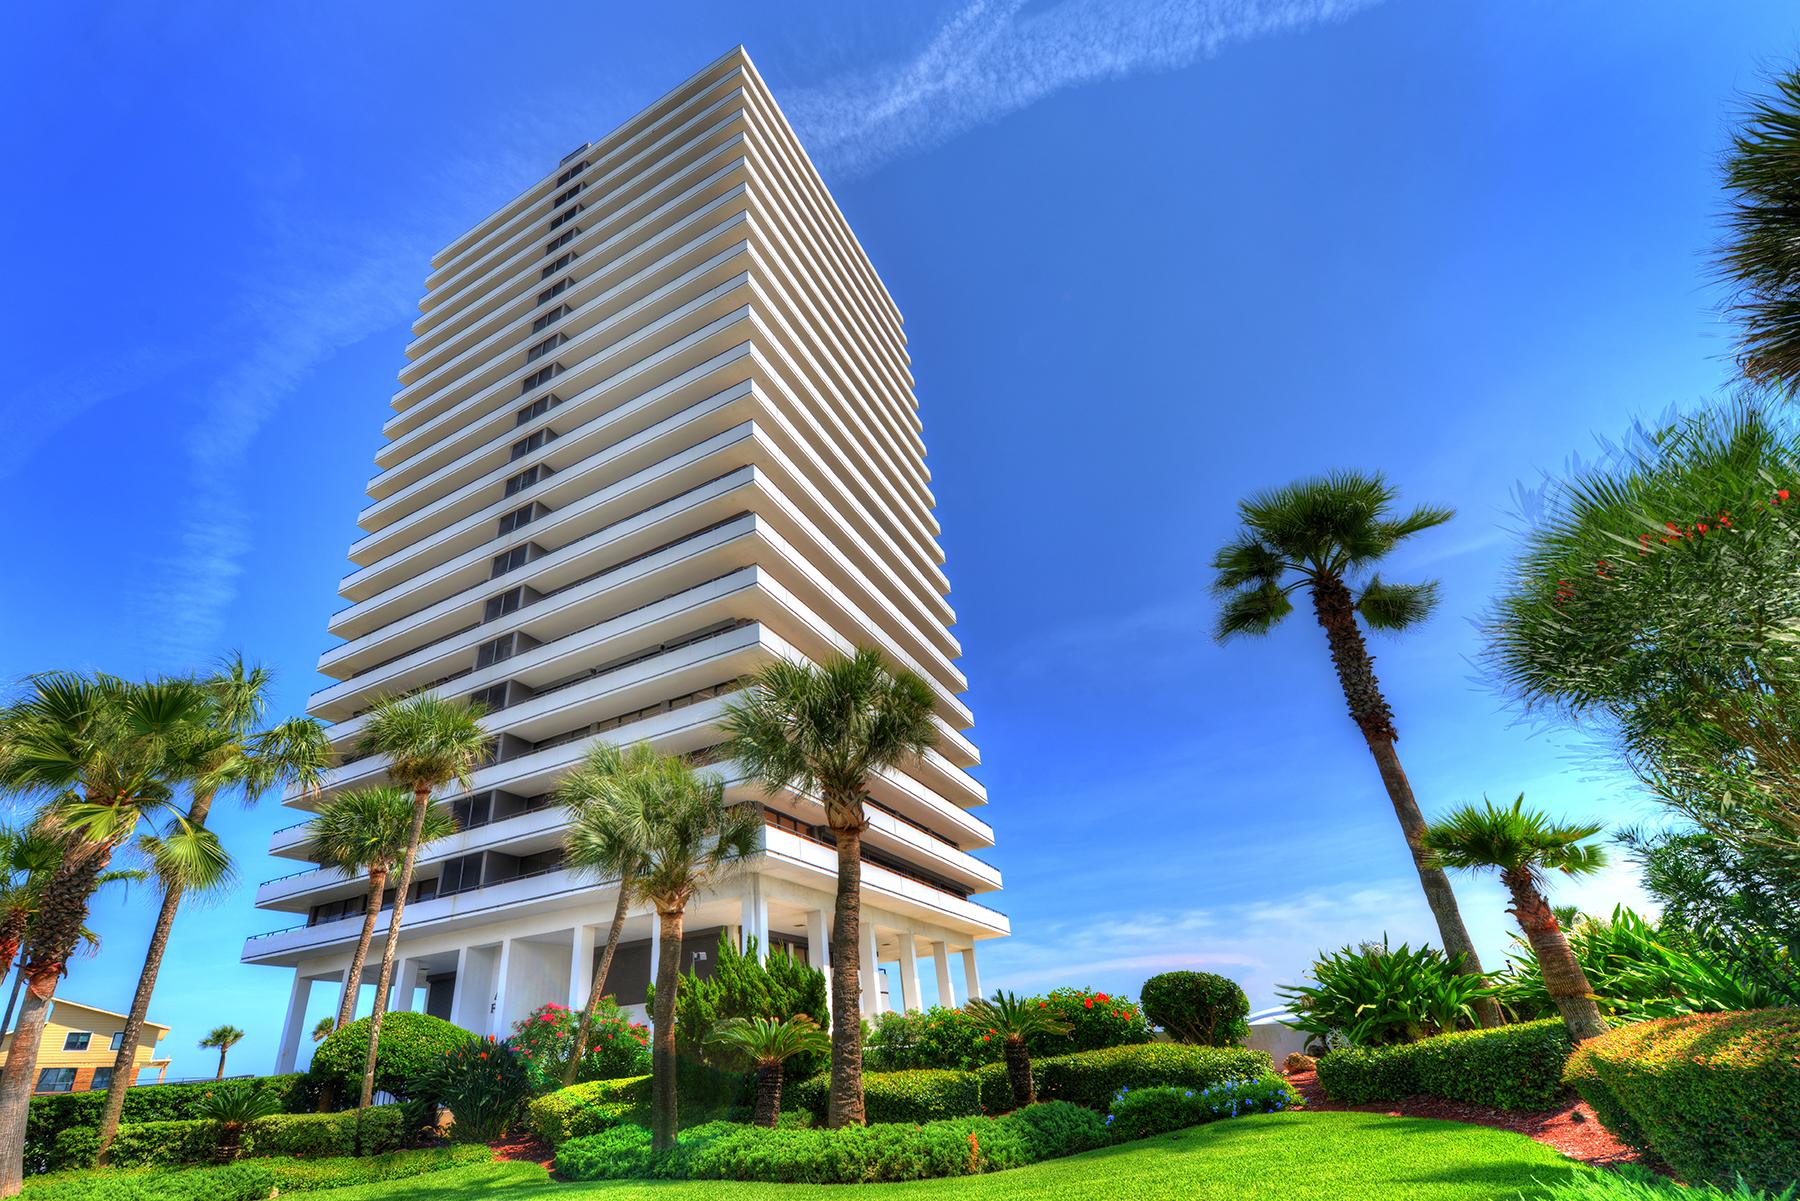 콘도미니엄 용 매매 에 SPRUCE CREEK AND THE BEACHES 2200 N Atlantic Ave 1602 Daytona Beach, 플로리다, 32118 미국